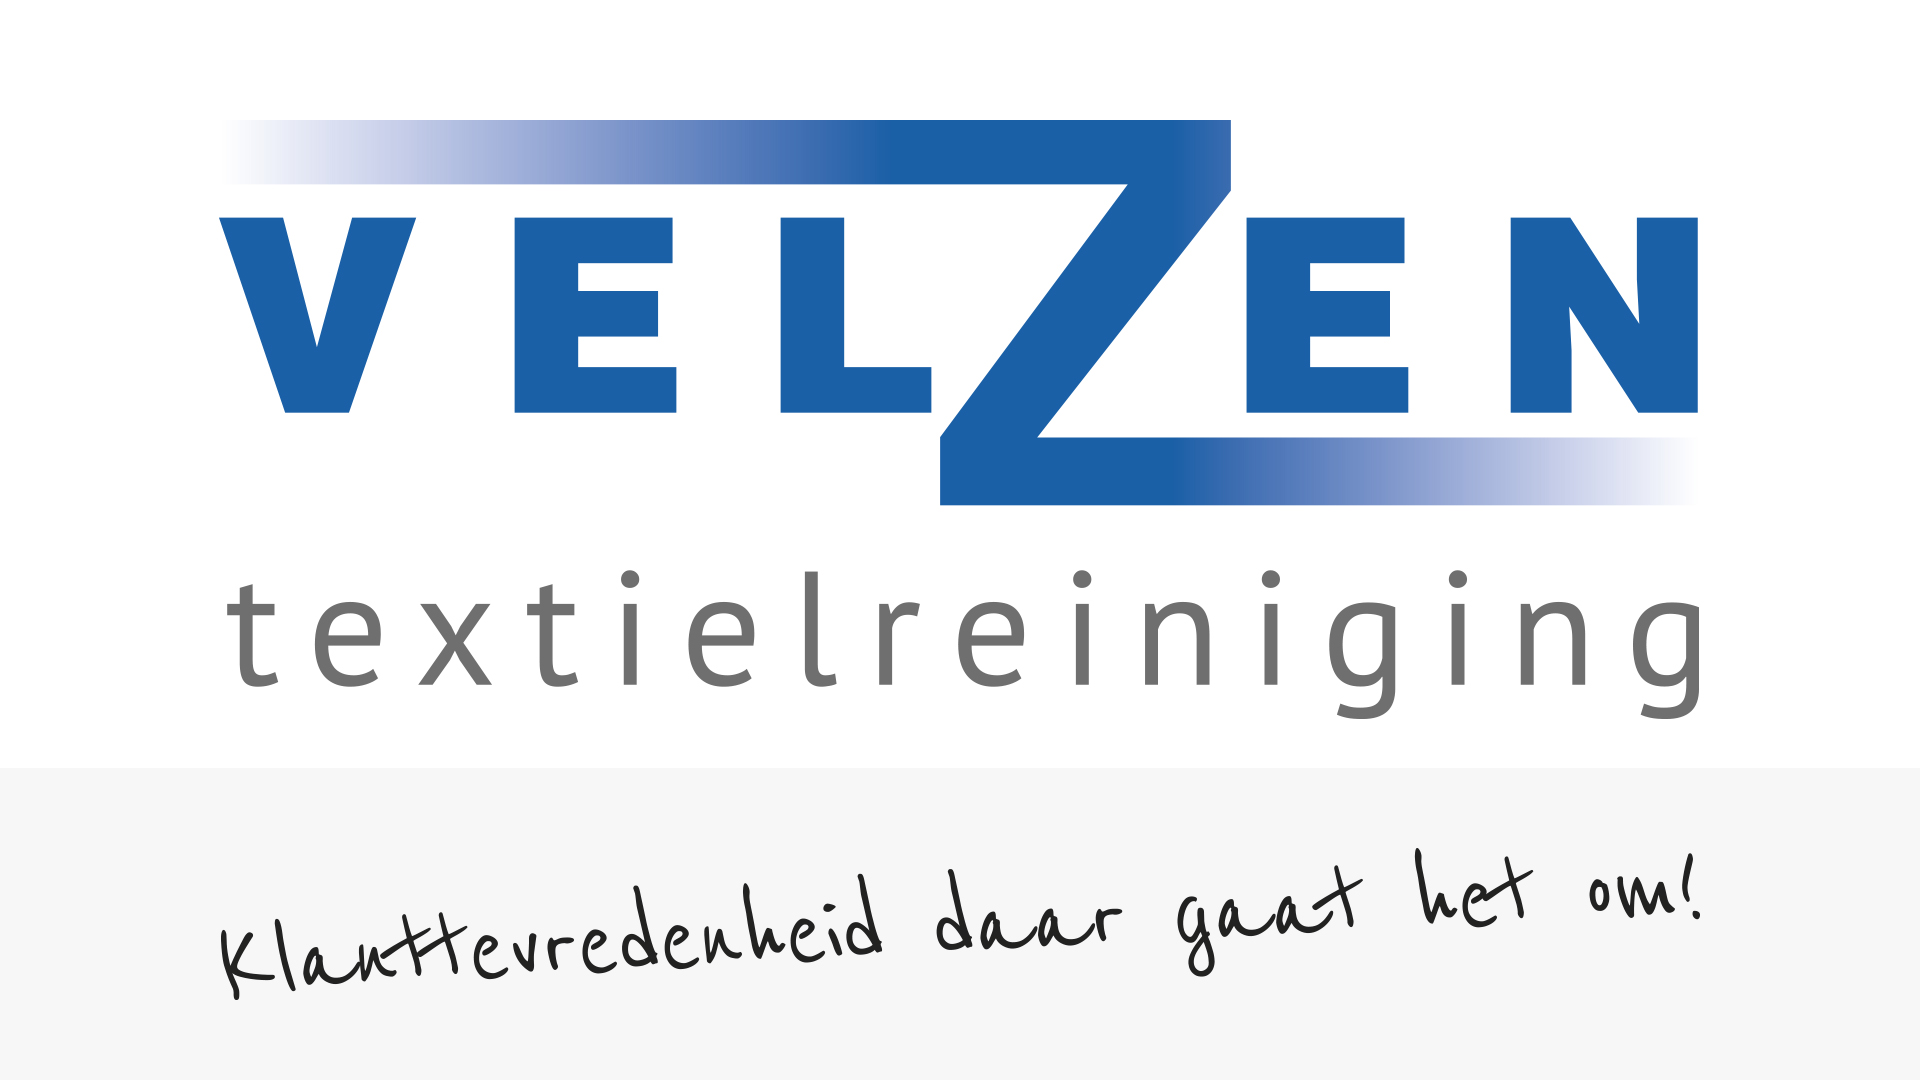 https://www.dehanzeruiters.nl/wp-content/uploads/2018/06/Velzen-textiel-2016.jpg